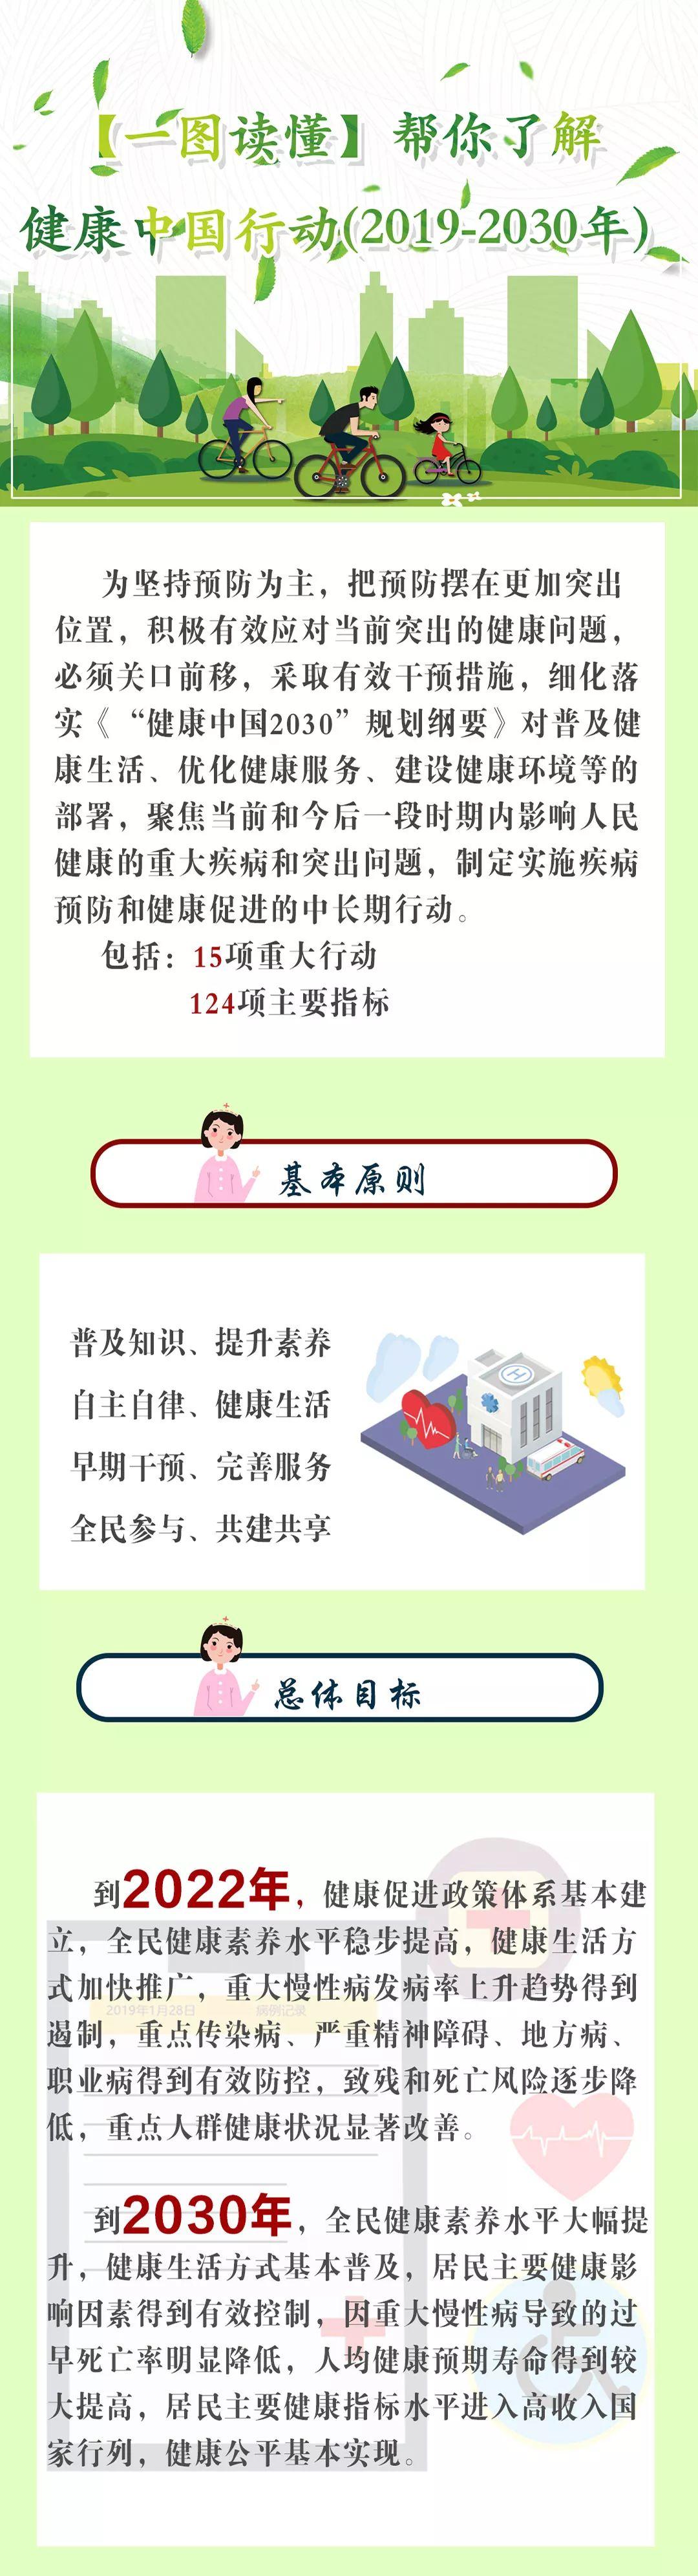 【一图读懂】健康中国行动打响发令枪!